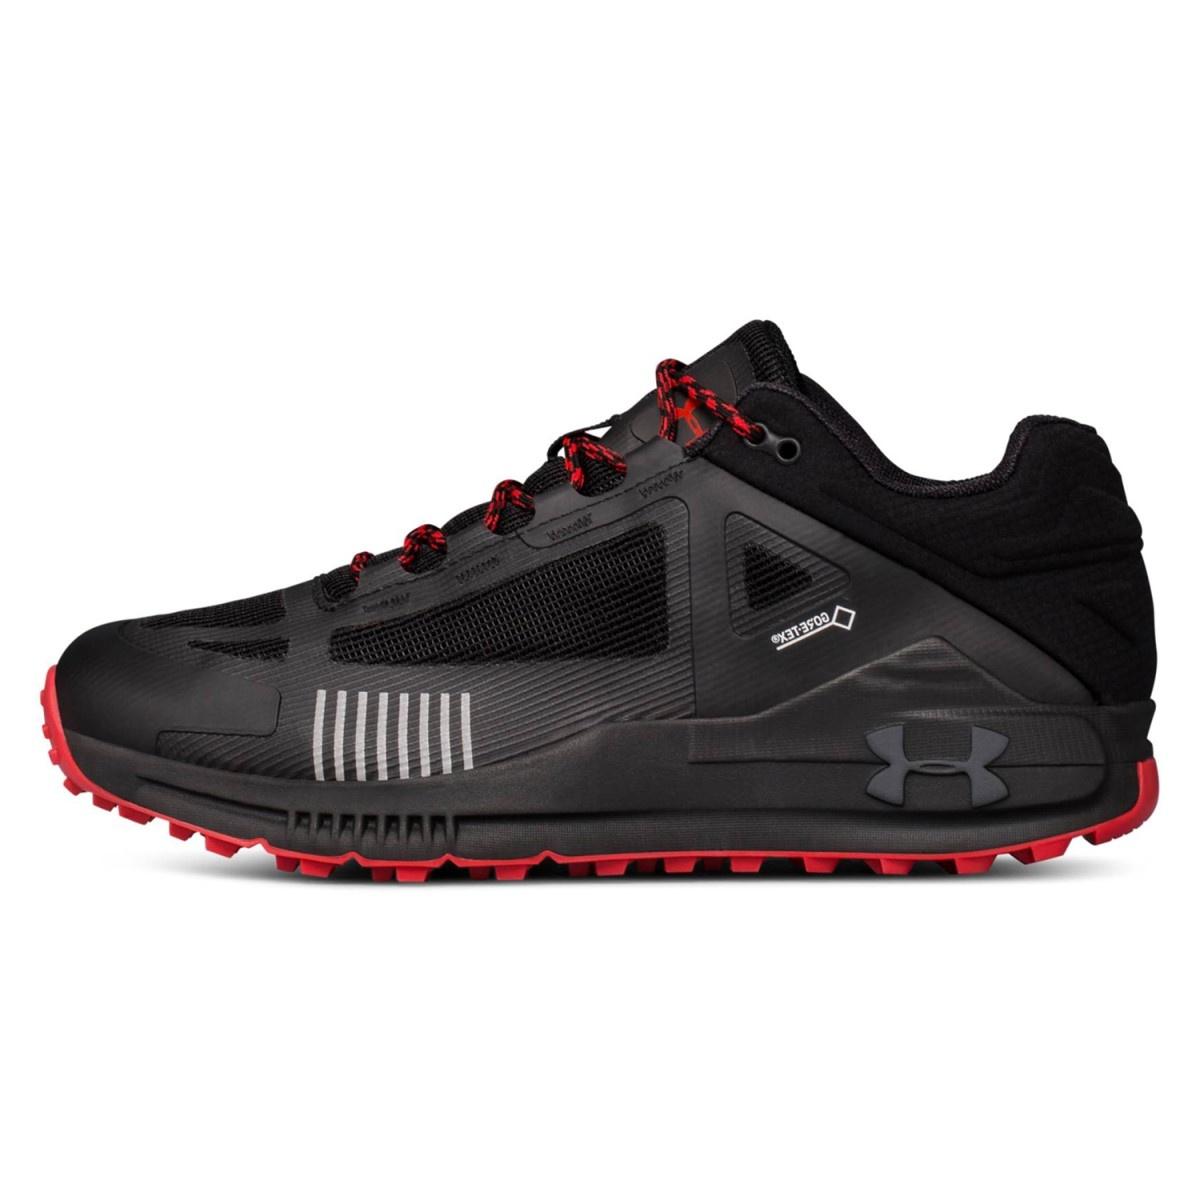 خرید                      کفش راحتی مردانه آندر آرمور مدل Verge Low GoreTex              👟